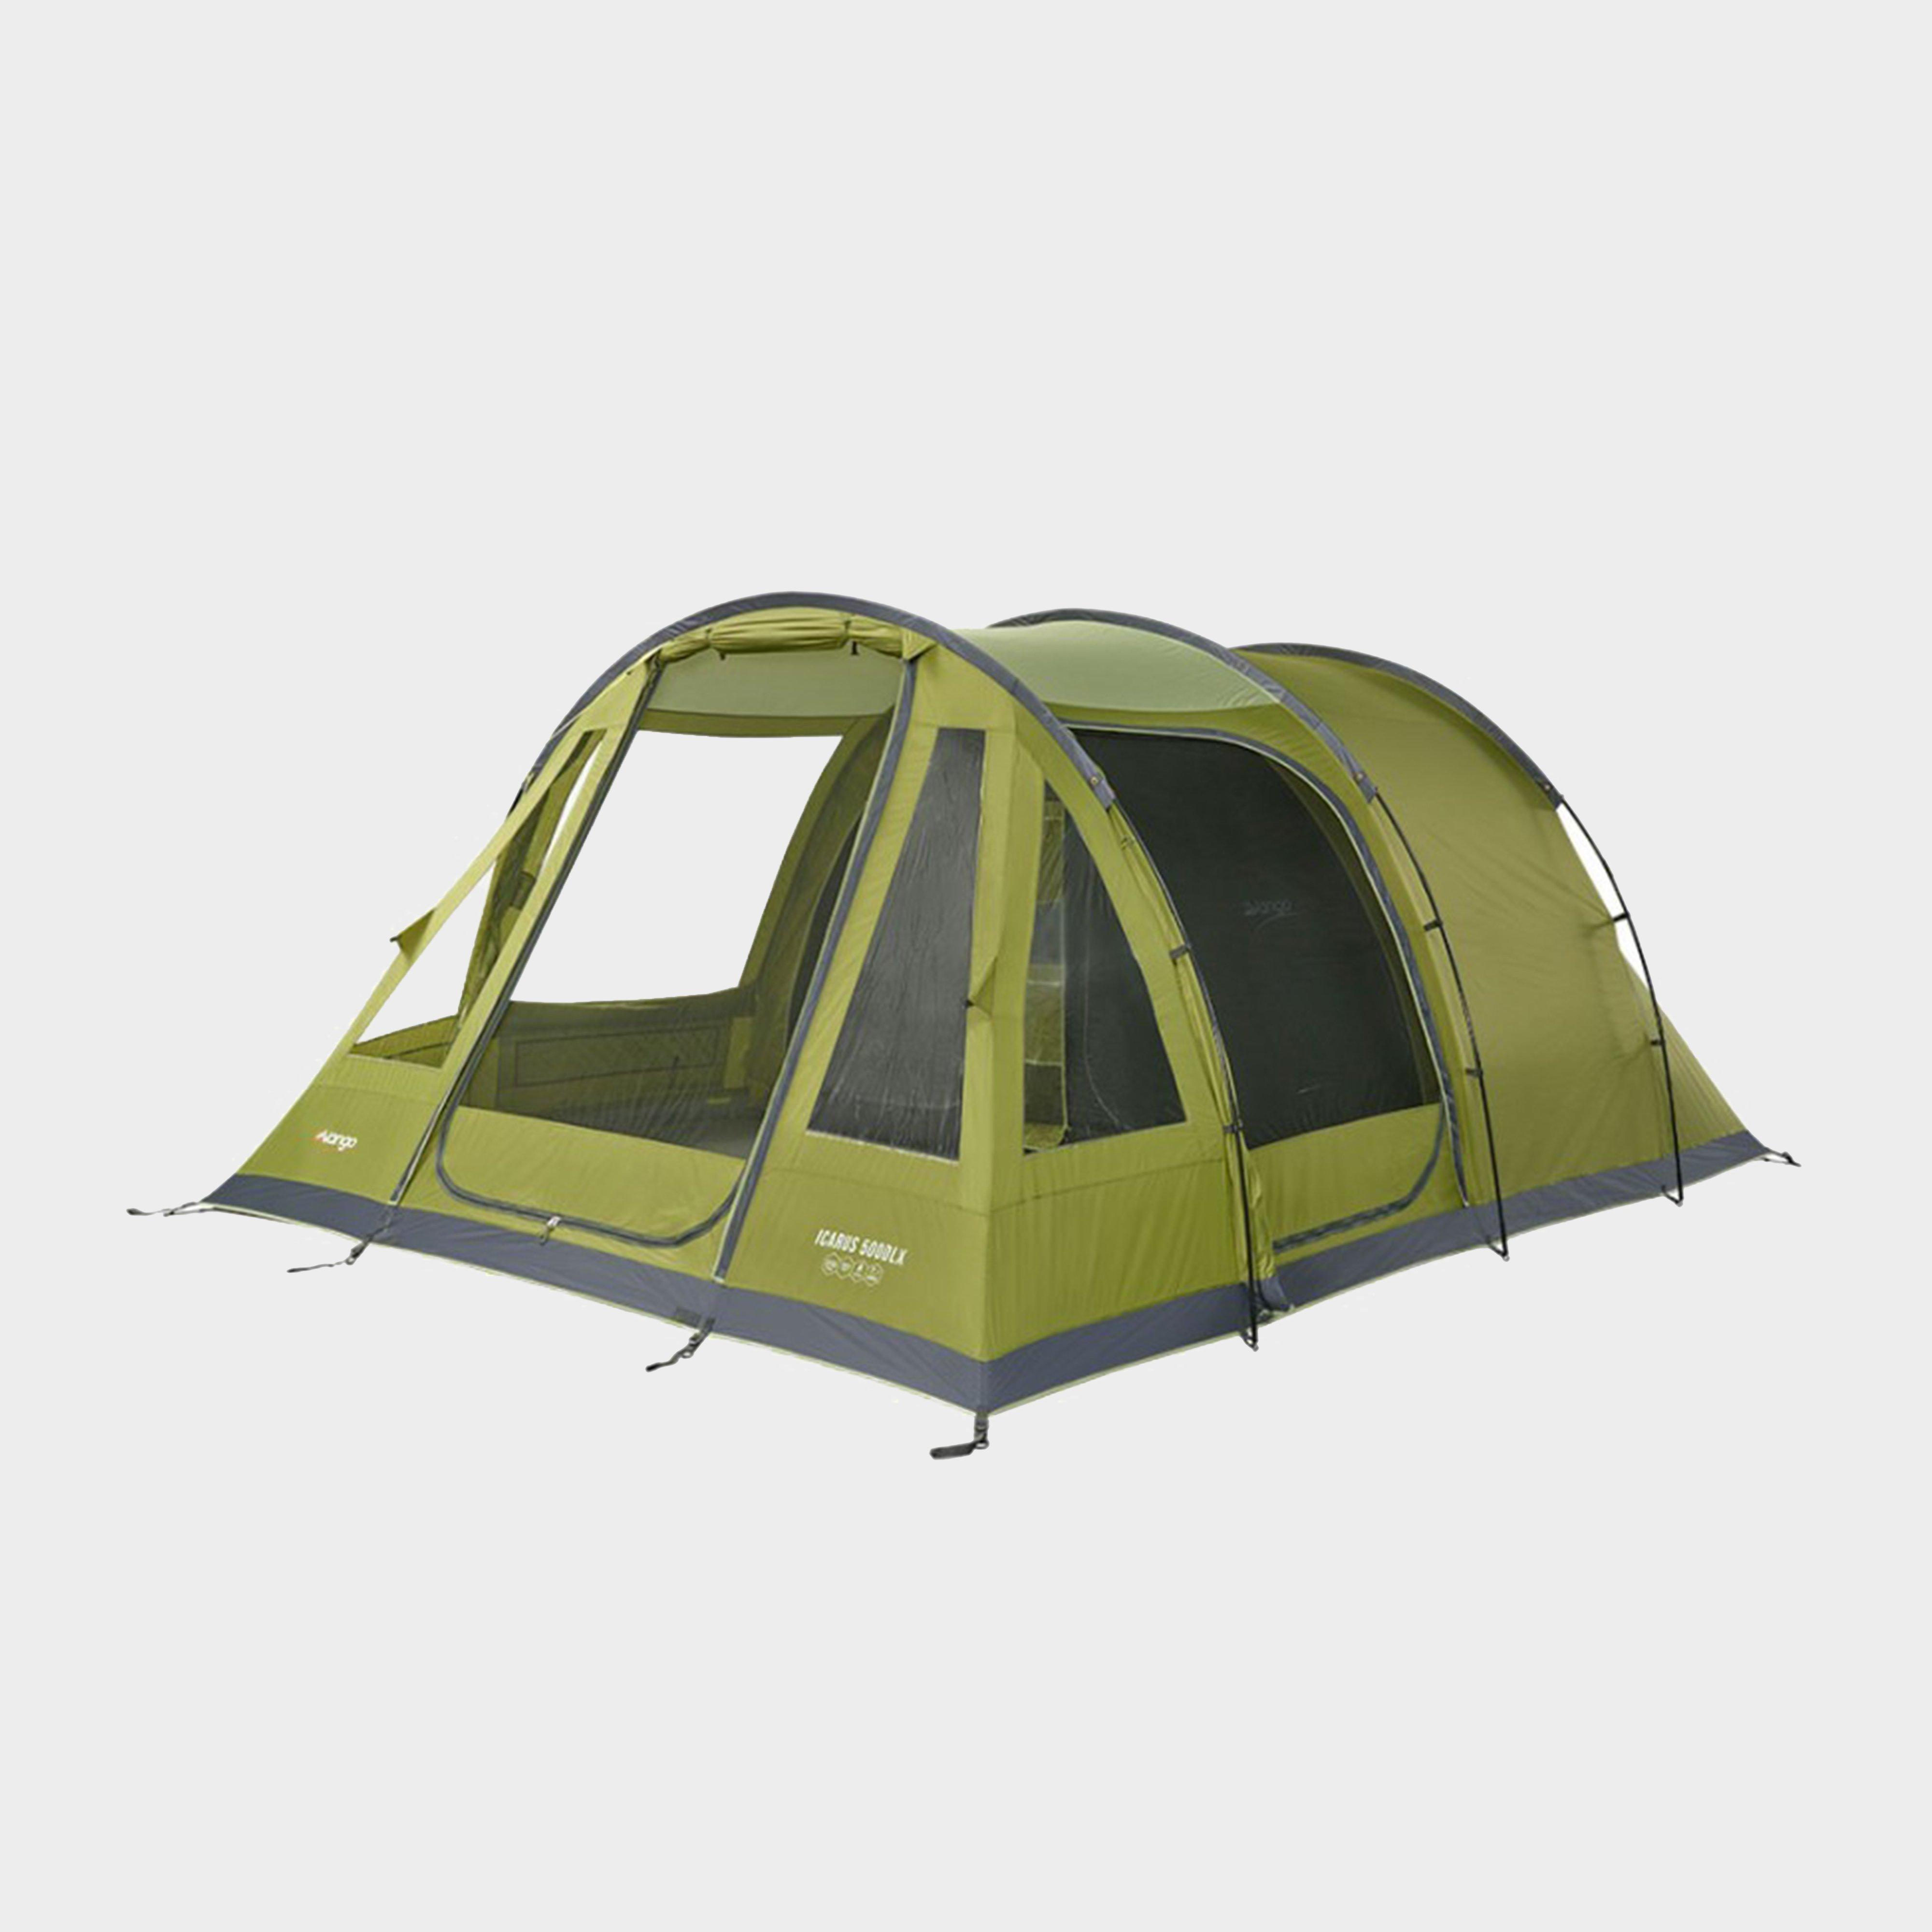 Vango Vango Icarus 500 Deluxe Family Tent - Green, Green